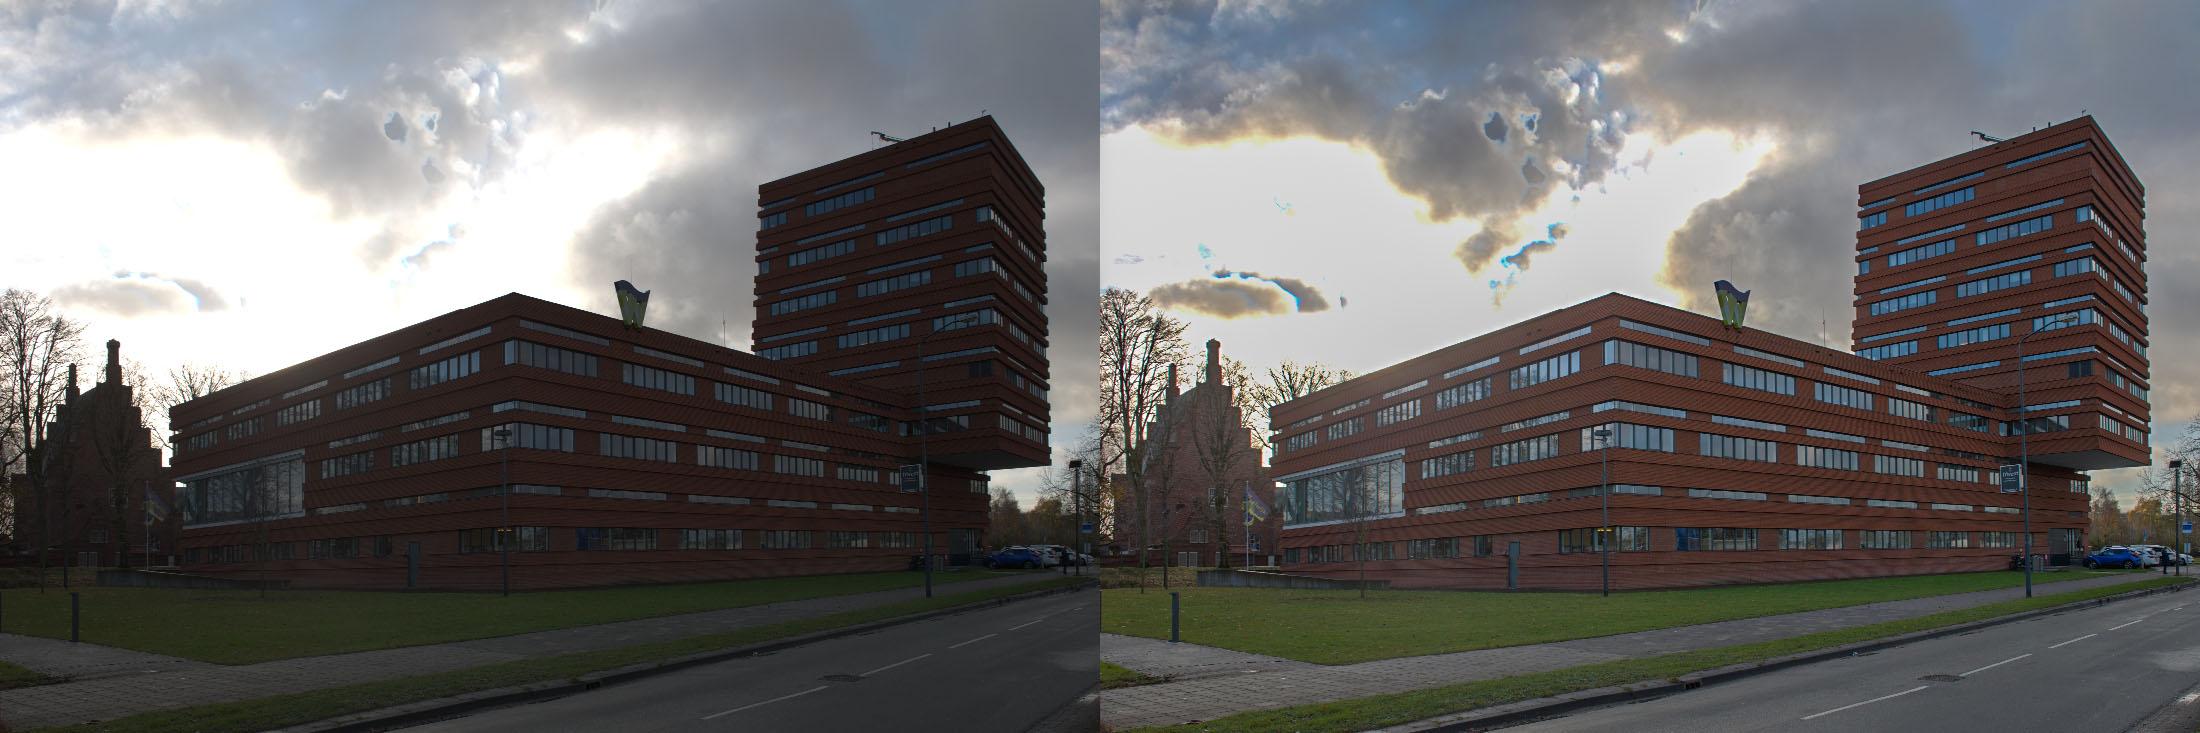 Het verschil tussen wel of geen tonemapping na HDR-ontwikkeling